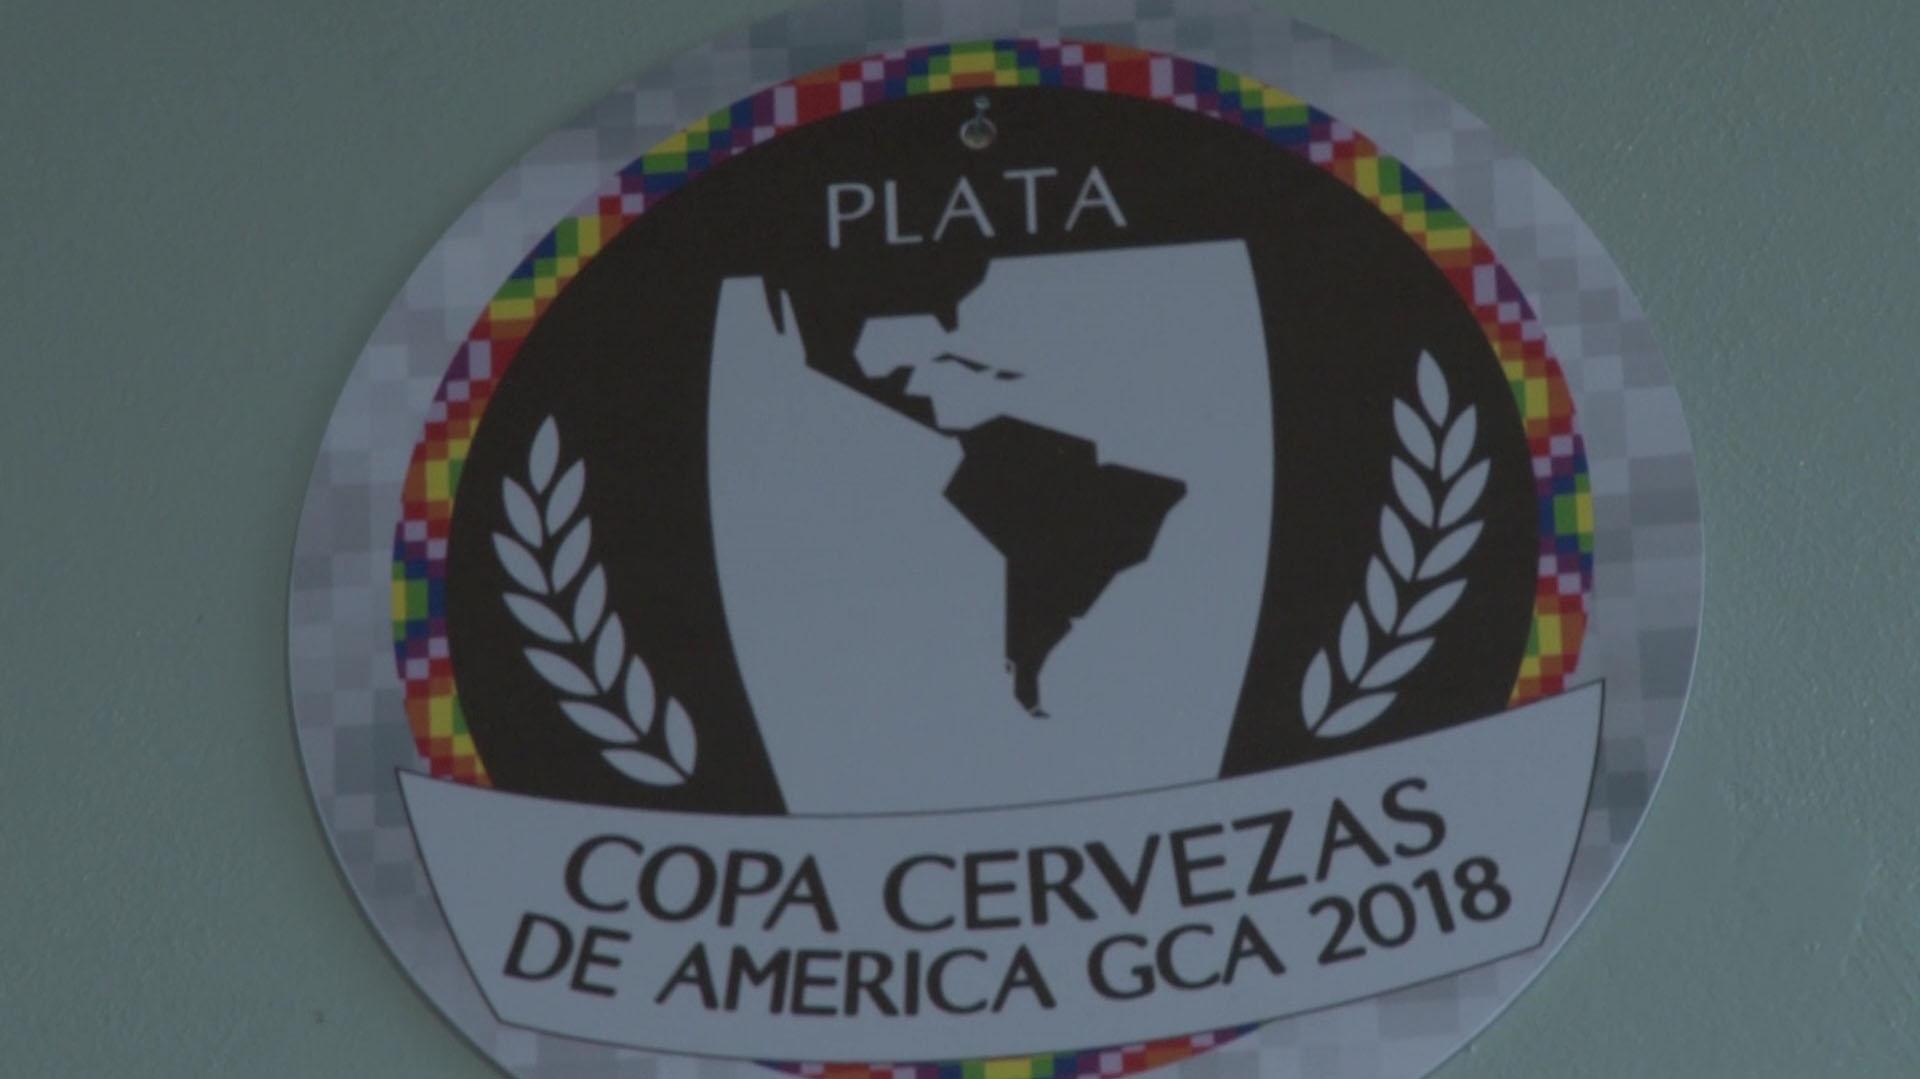 Una de las medallas ganadas por la cervecería en la Copa América de este año